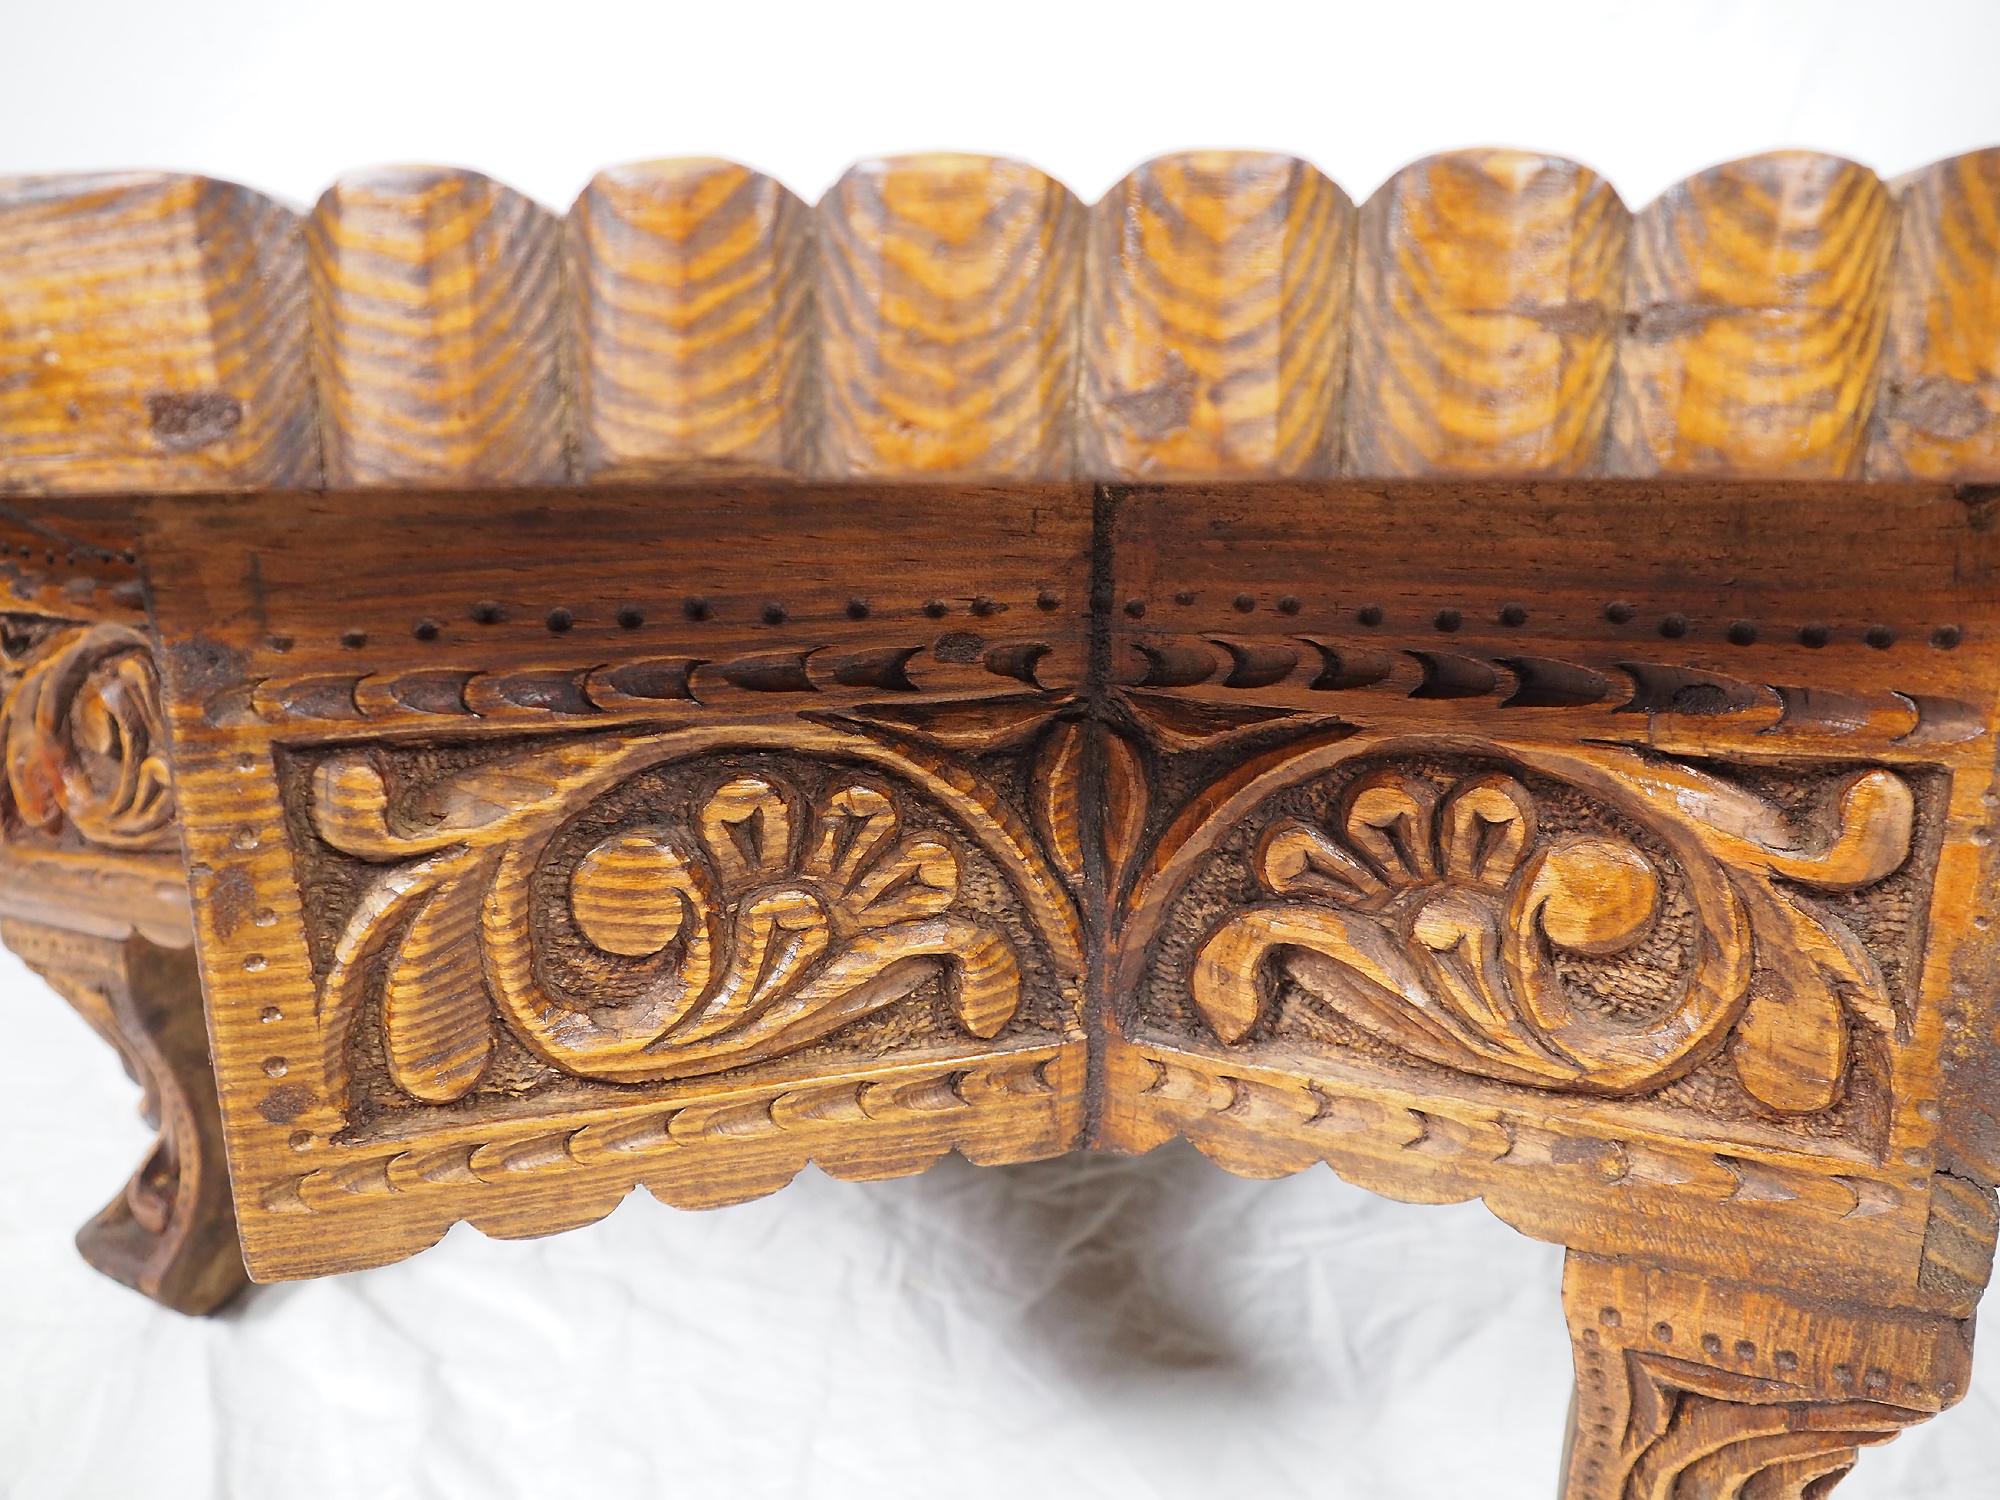 75x75 cm Massivholz handgeschnitzte Teetisch kolonialstil Wohnzimmertisch Tisch tisch aus Afghanistan Uzbekistan 8Eck